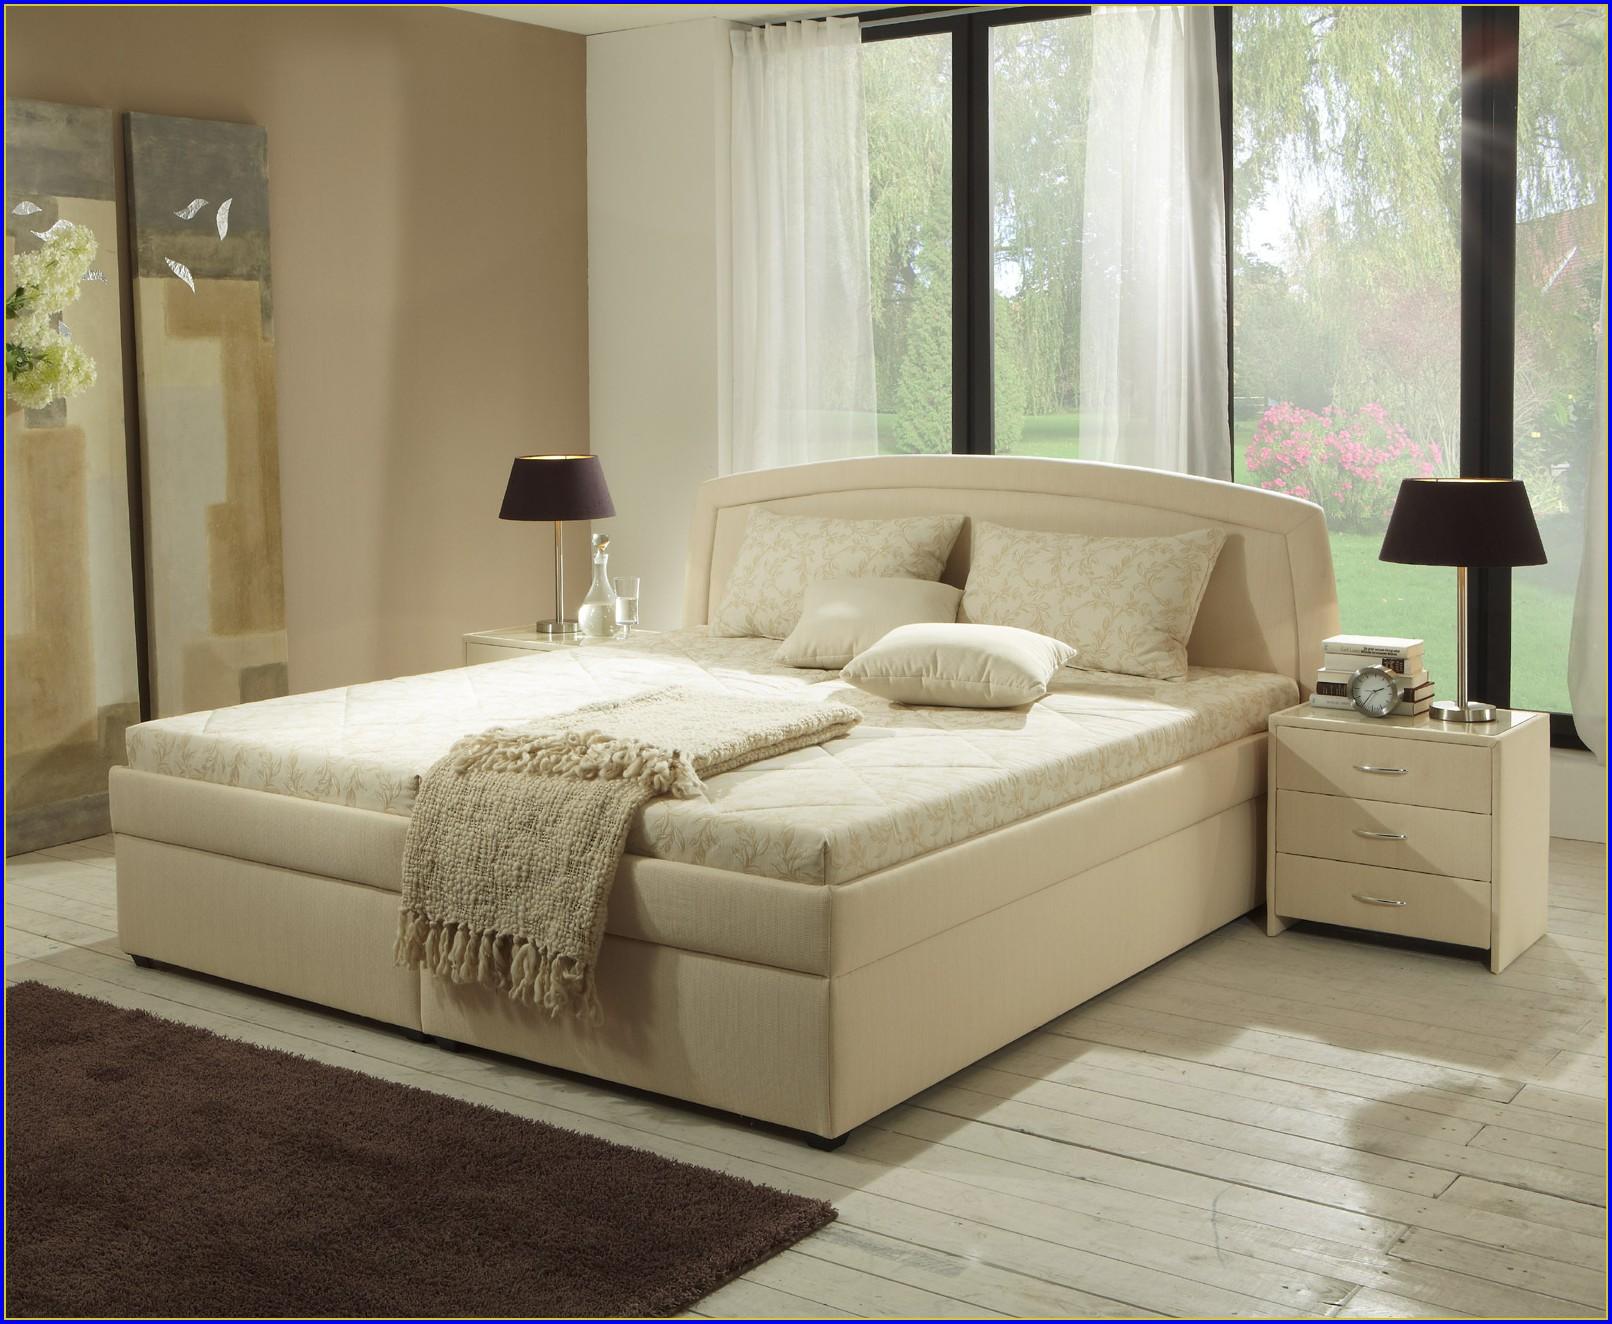 Full Size of Palettenbett Ikea 140x200 Betten Ohne Lattenrost Dolce Vizio Tiramisu Miniküche 160x200 Küche Kaufen Sofa Mit Schlaffunktion Kosten Modulküche Bei Wohnzimmer Palettenbett Ikea